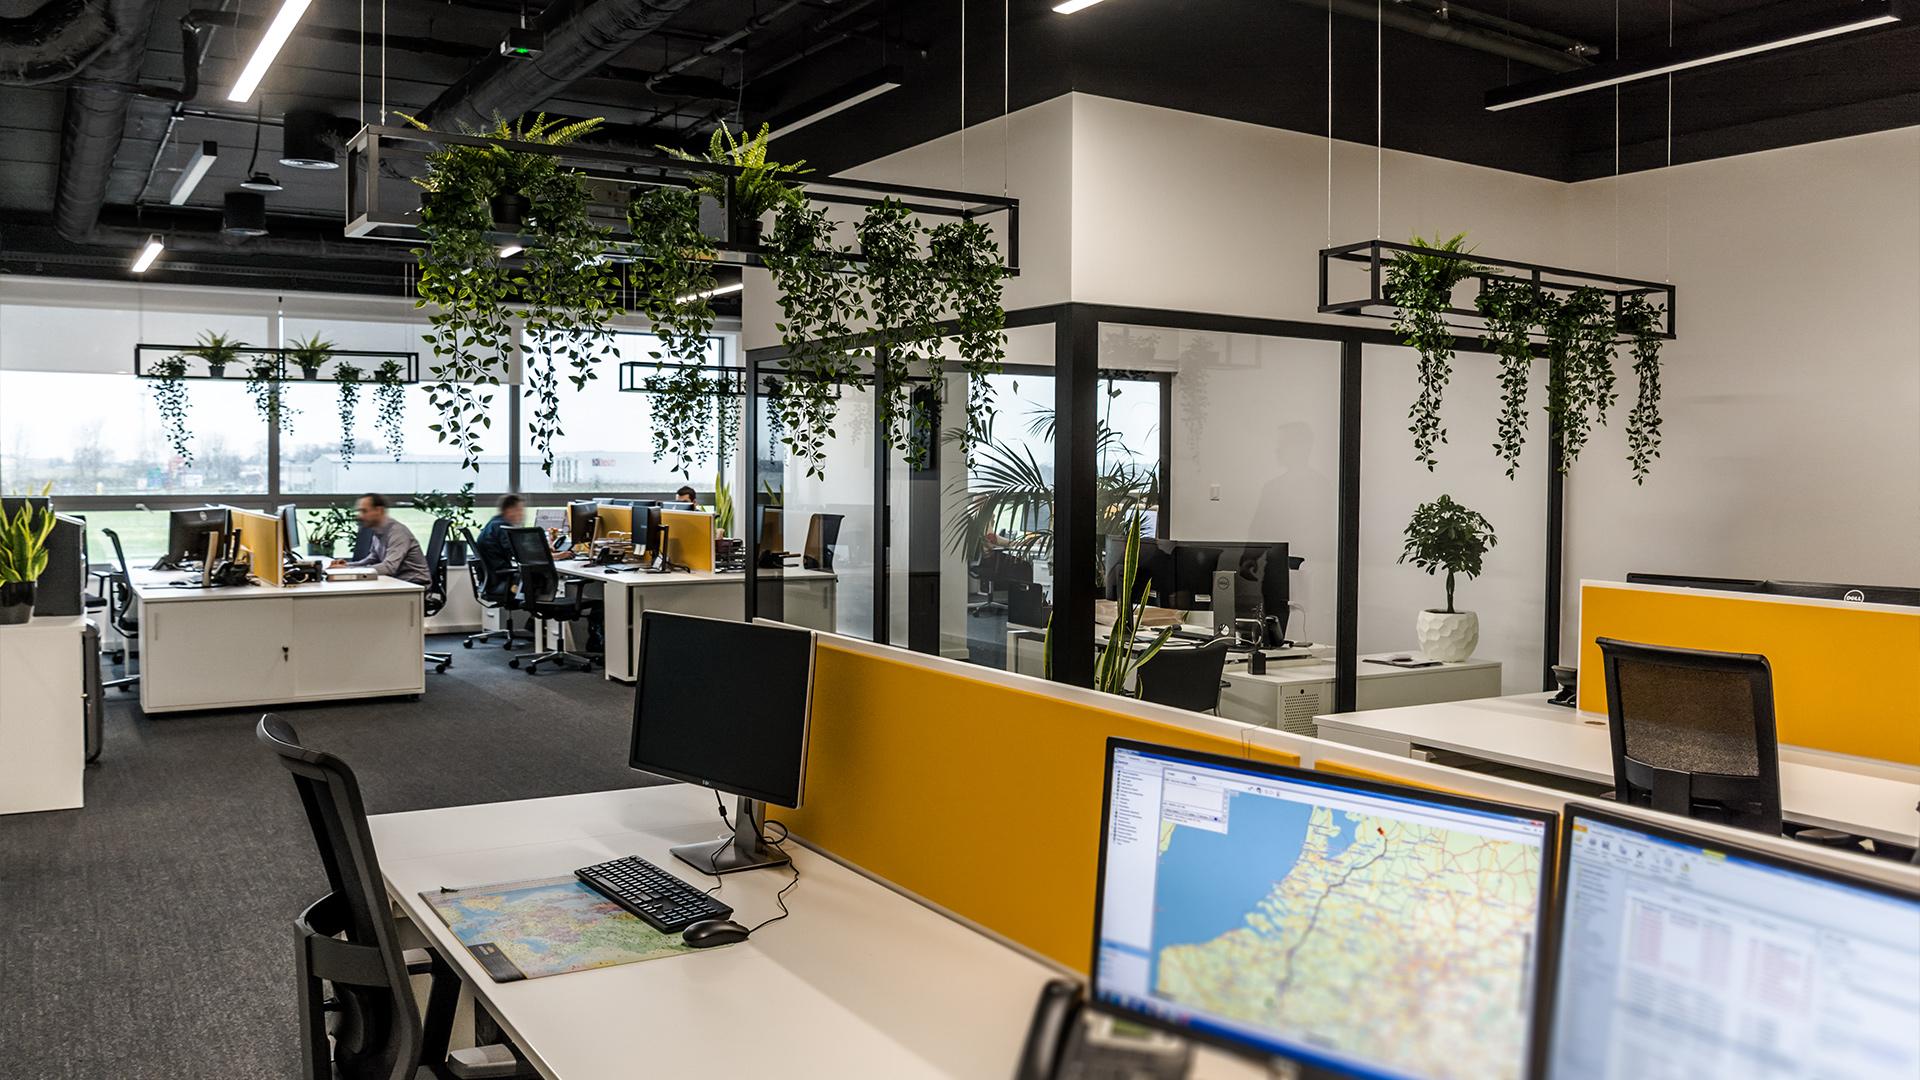 W środkowej części open space wydzieliliśmy przeszklony pokój dla menadżera, zapewniający optymalny komfort bez utraty kontaktu wizualnego z zespołem.